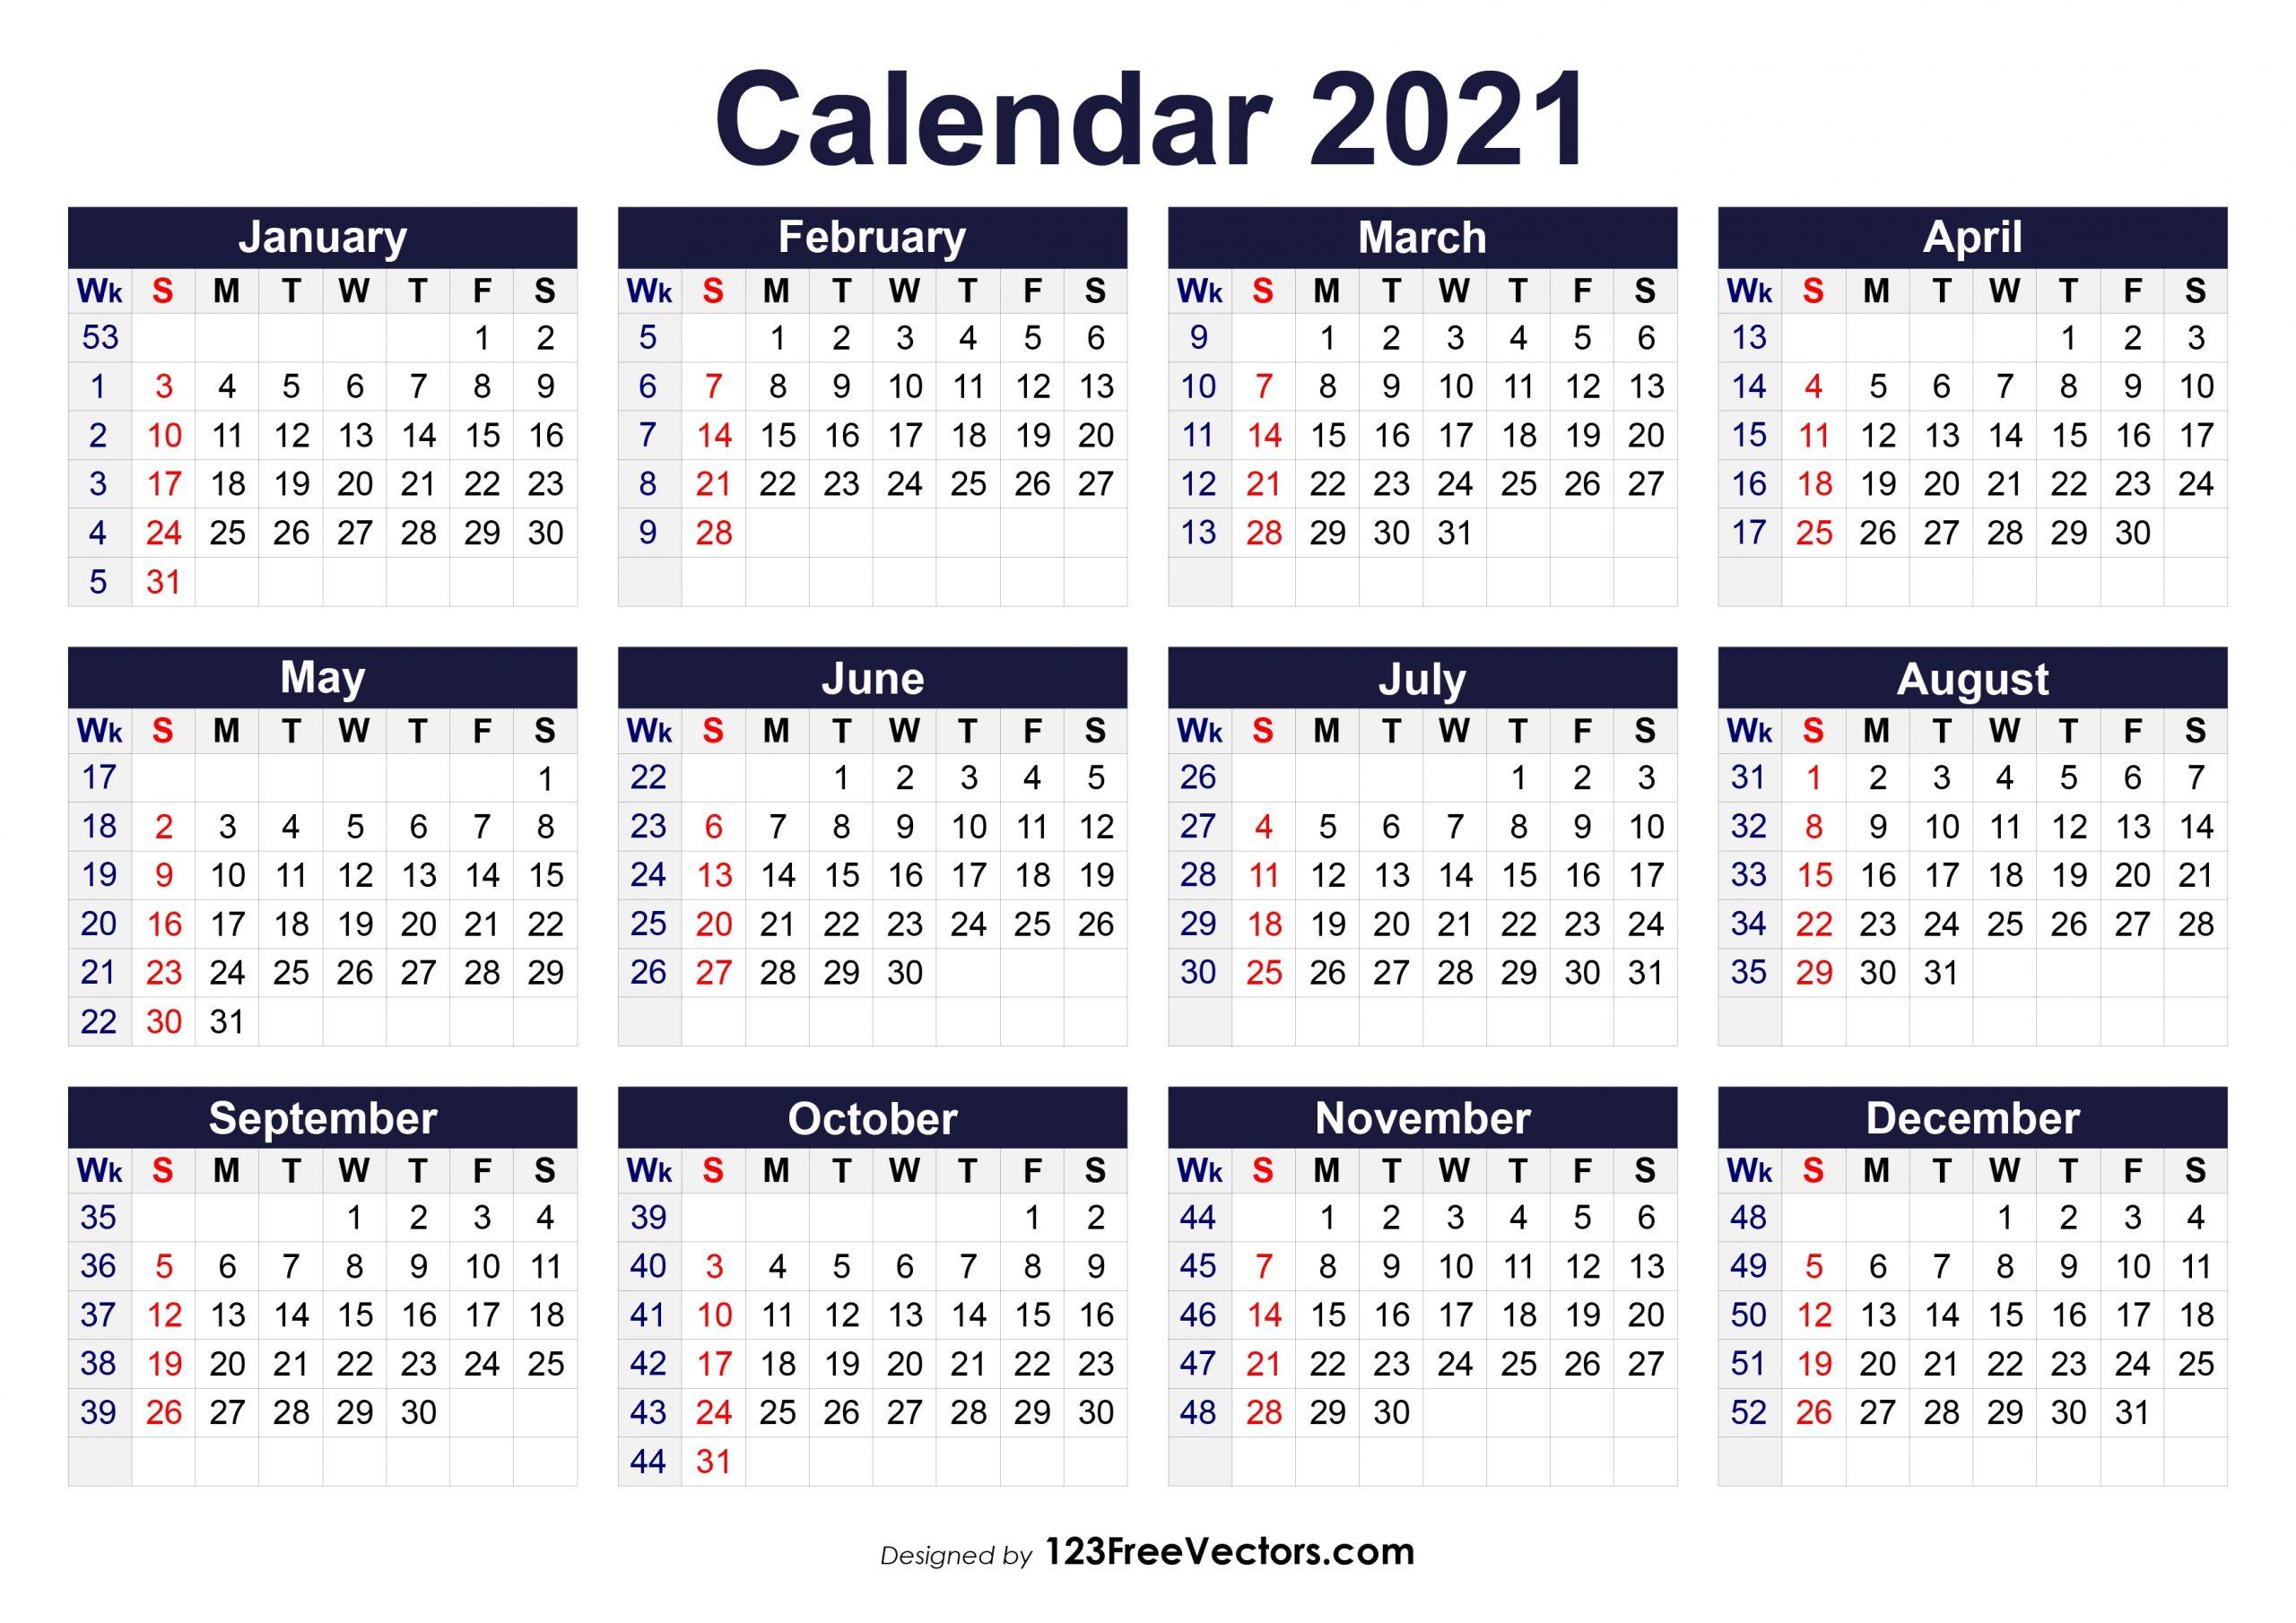 Gregorian Calendar 2021 Week Number